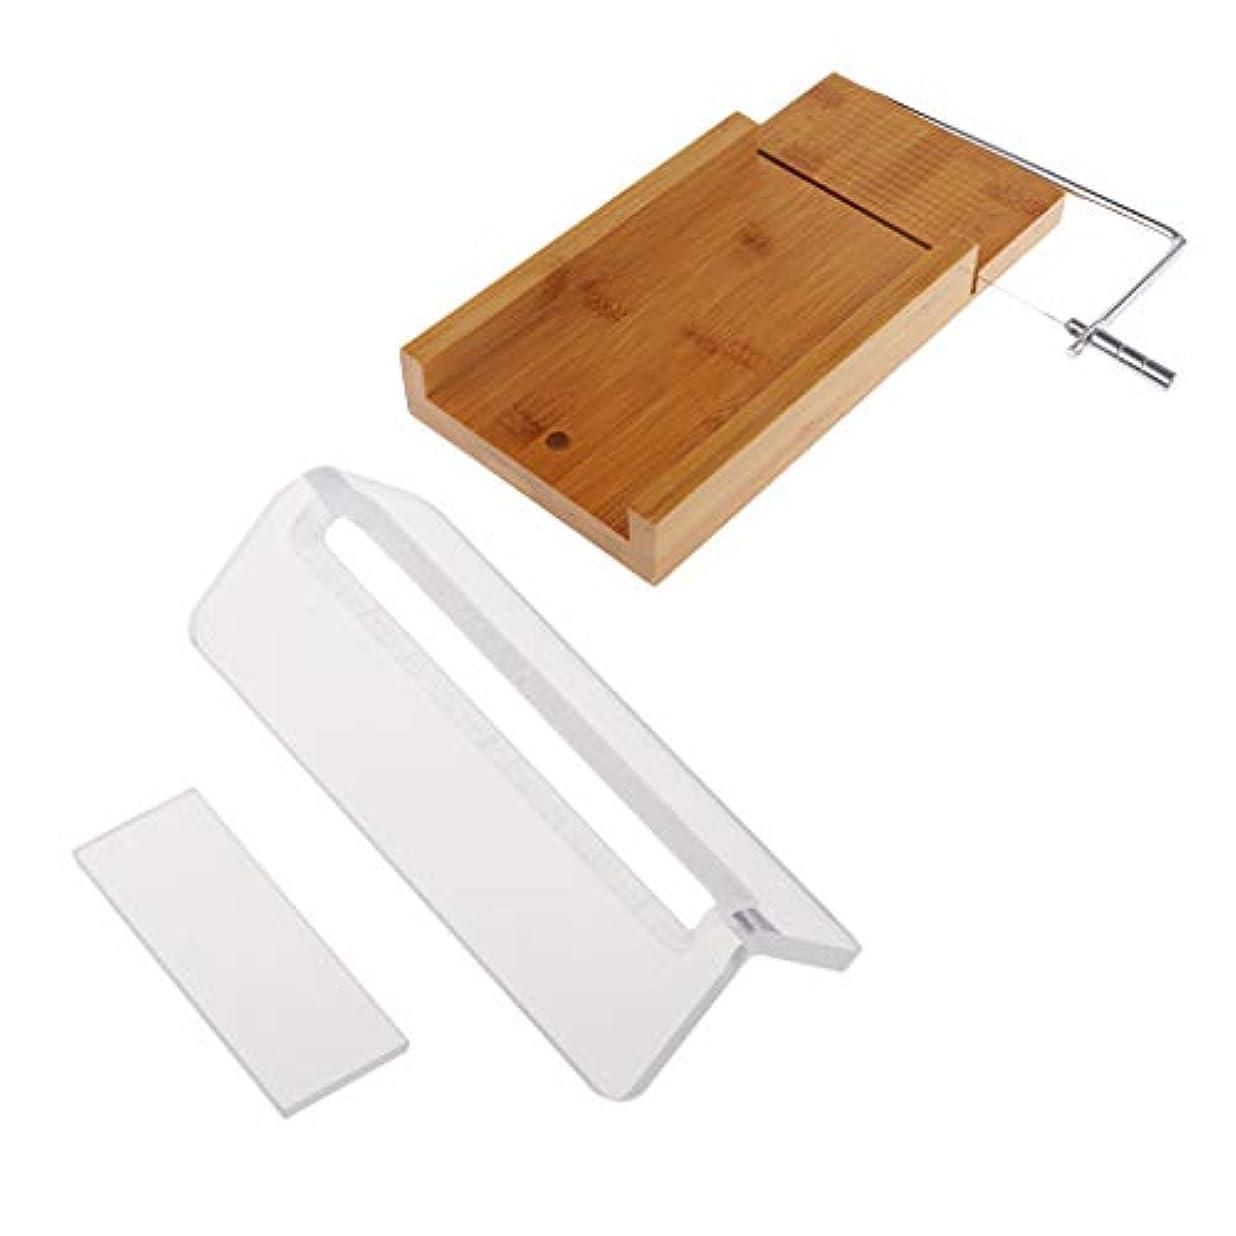 カッター哀れな砲兵石鹸カッター 木製 ローフカッター チーズカッター ソープカッター ステンレス鋼線 2個入り